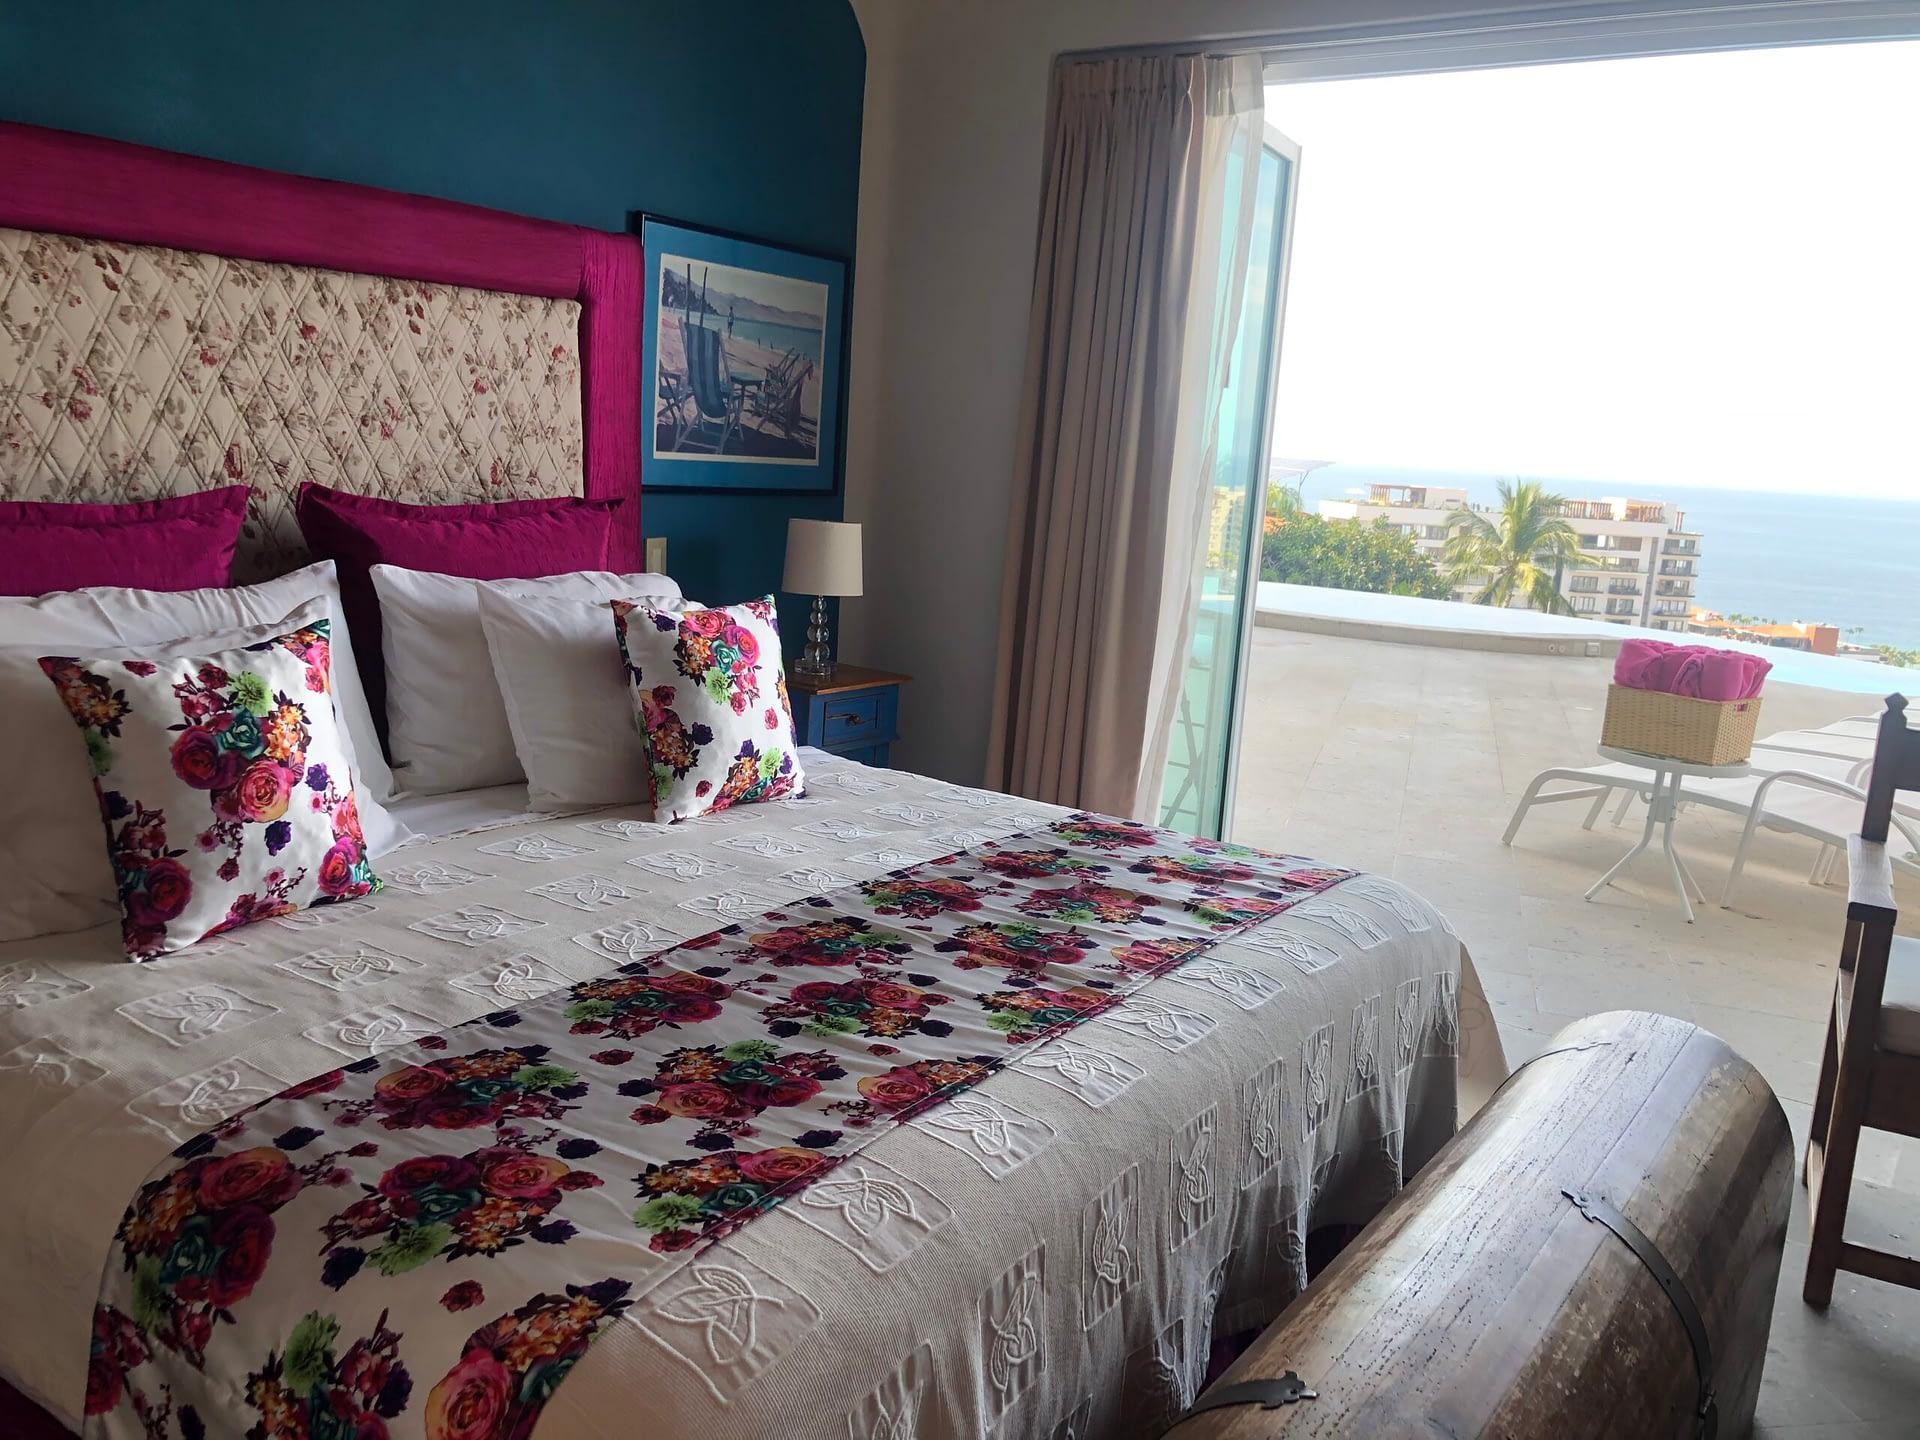 las rosas bedroom